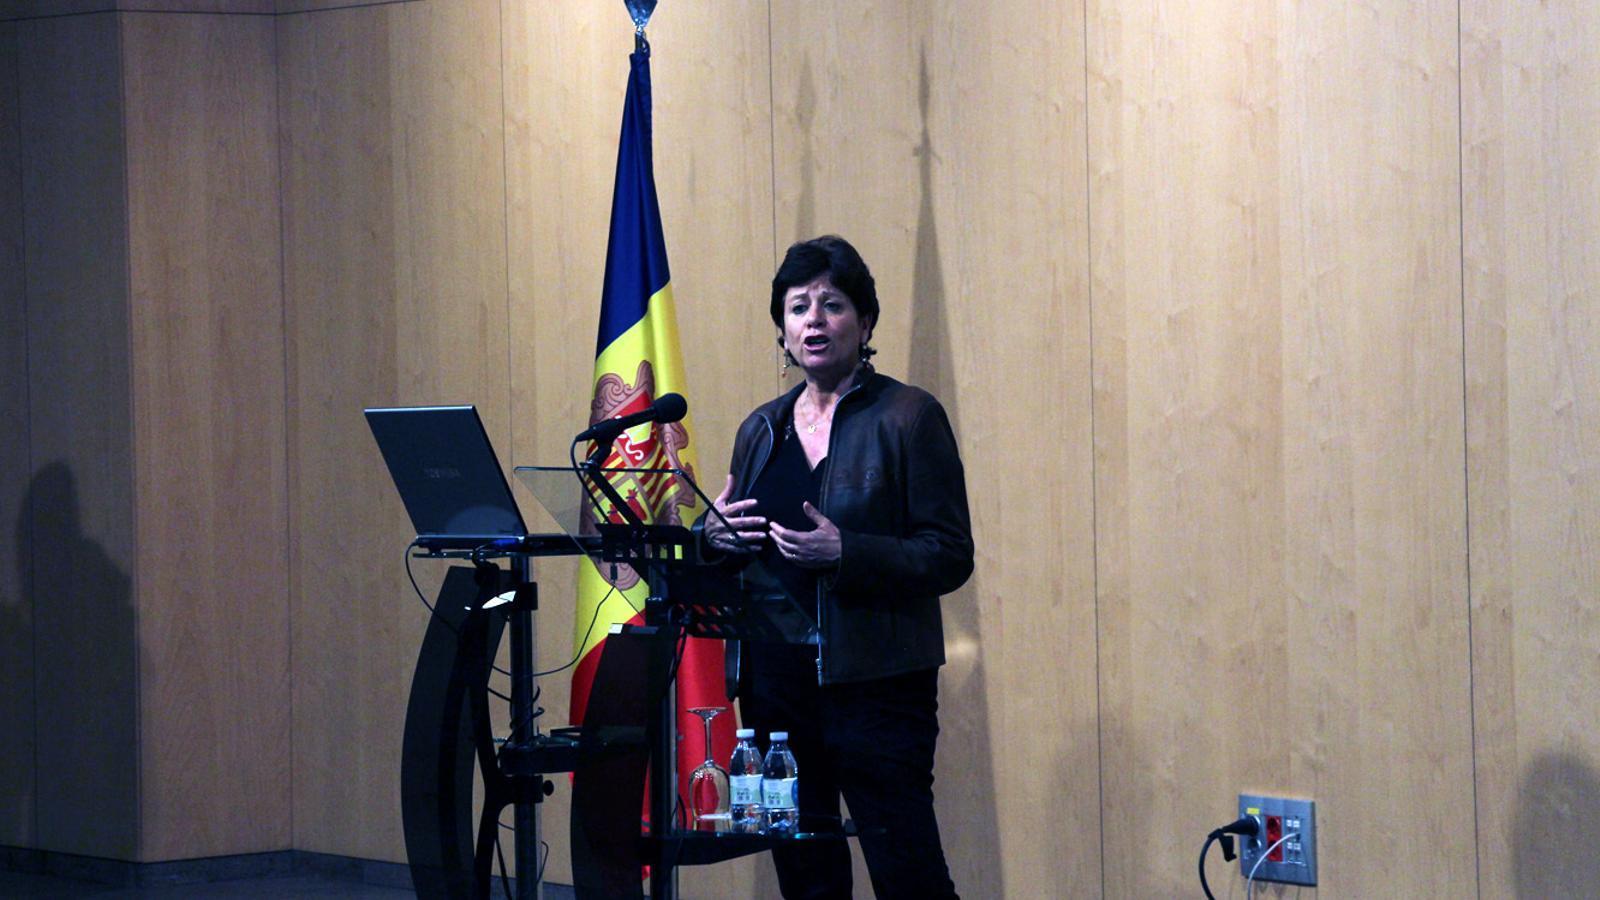 Cristina Rodríguez, en una imatge d'arxiu. / ARXIU ANA